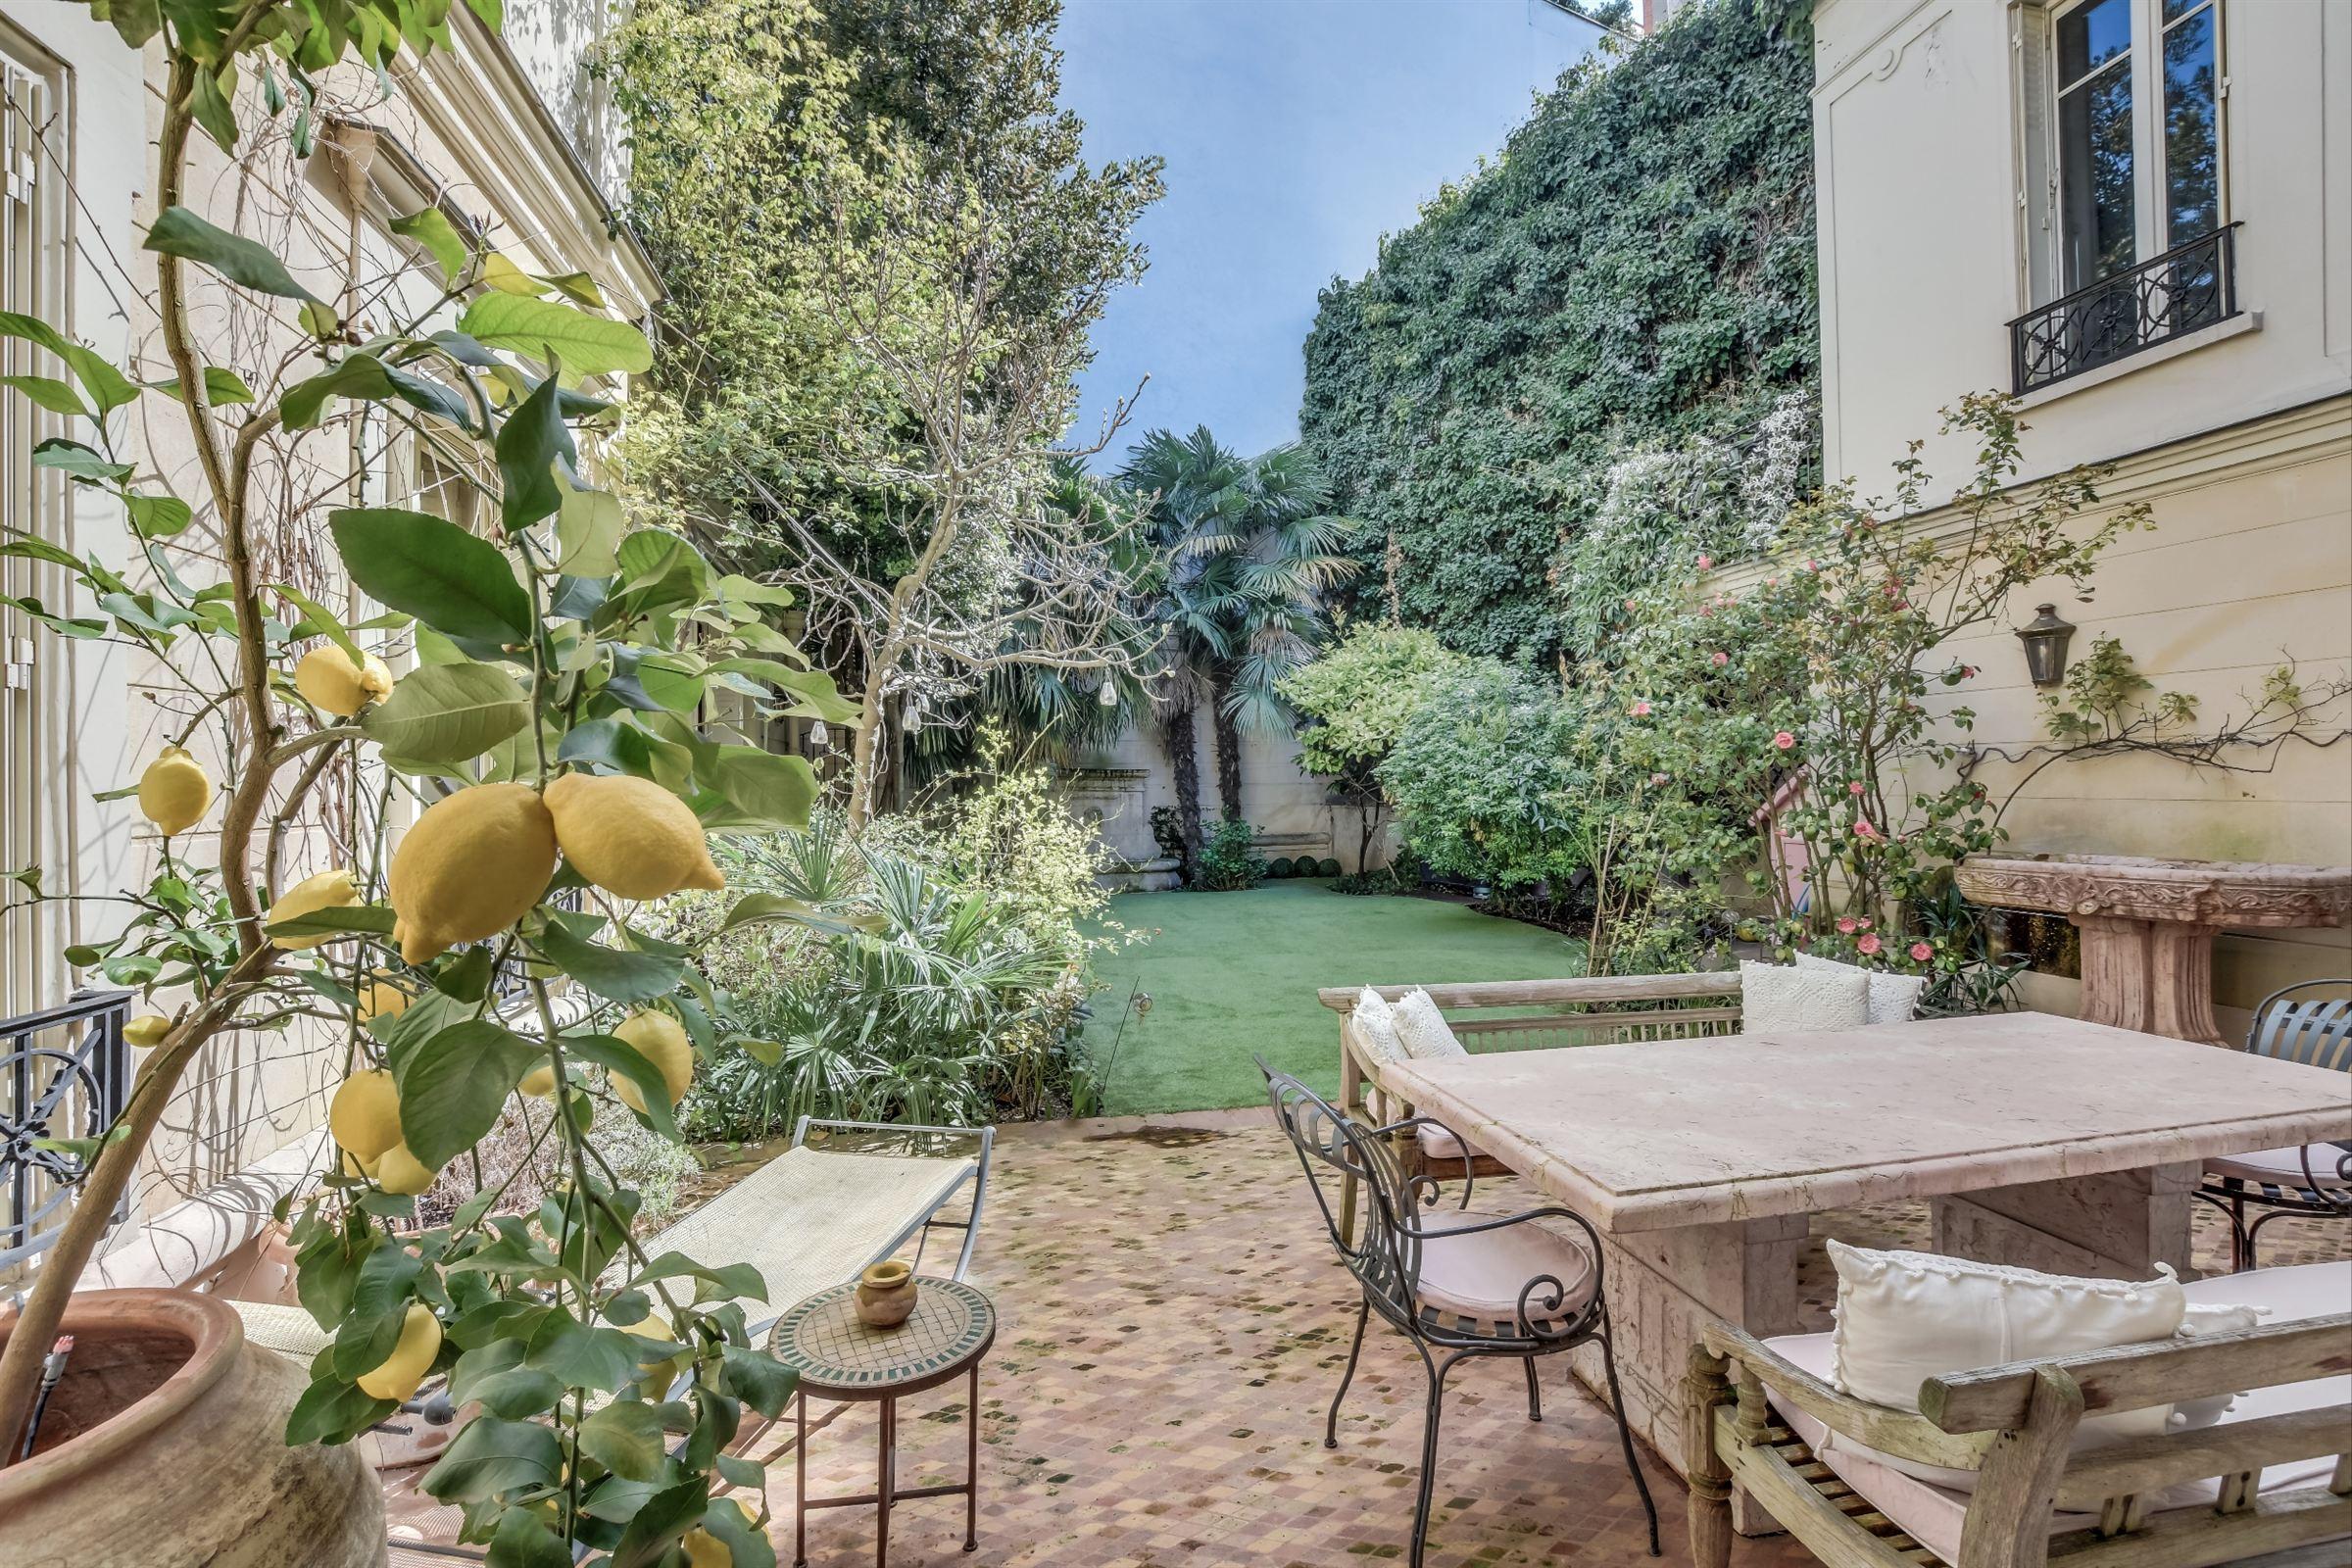 단독 가정 주택 용 매매 에 For sale sole agent Private Mansion in Paris 16 - Muette Paris, 일드프랑스주, 75016 프랑스